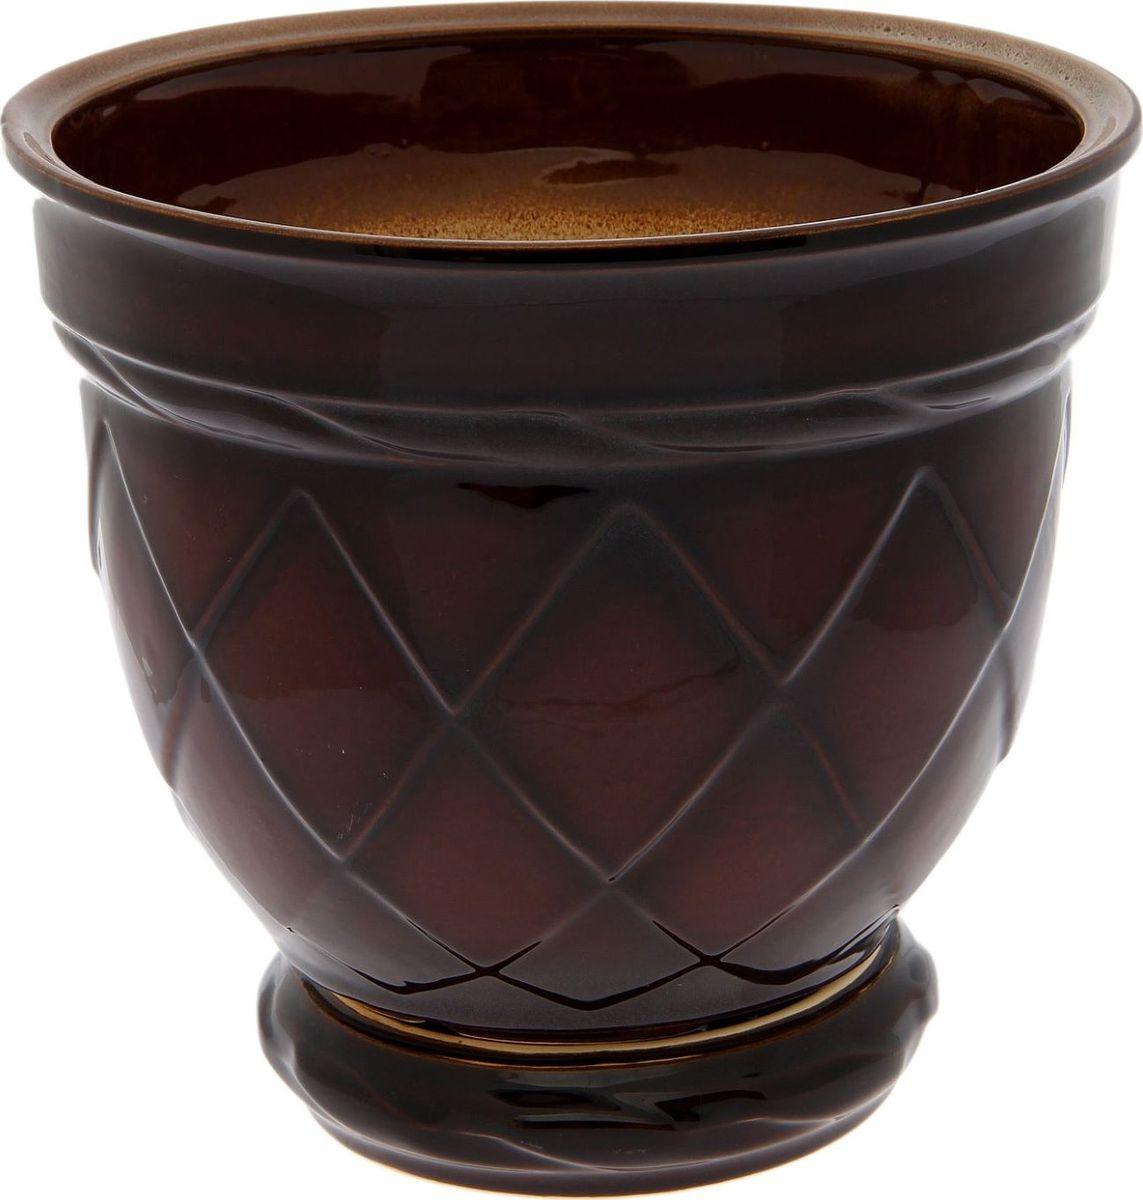 Кашпо Ромб, цвет: коричневый, 4 л1210268Комнатные растения — всеобщие любимцы. Они радуют глаз, насыщают помещение кислородом и украшают пространство. Каждому из них необходим свой удобный и красивый дом. Кашпо из керамики прекрасно подходят для высадки растений: за счет пластичности глины и разных способов обработки существует великое множество форм и дизайнов пористый материал позволяет испаряться лишней влаге воздух, необходимый для дыхания корней, проникает сквозь керамические стенки! позаботится о зеленом питомце, освежит интерьер и подчеркнет его стиль.